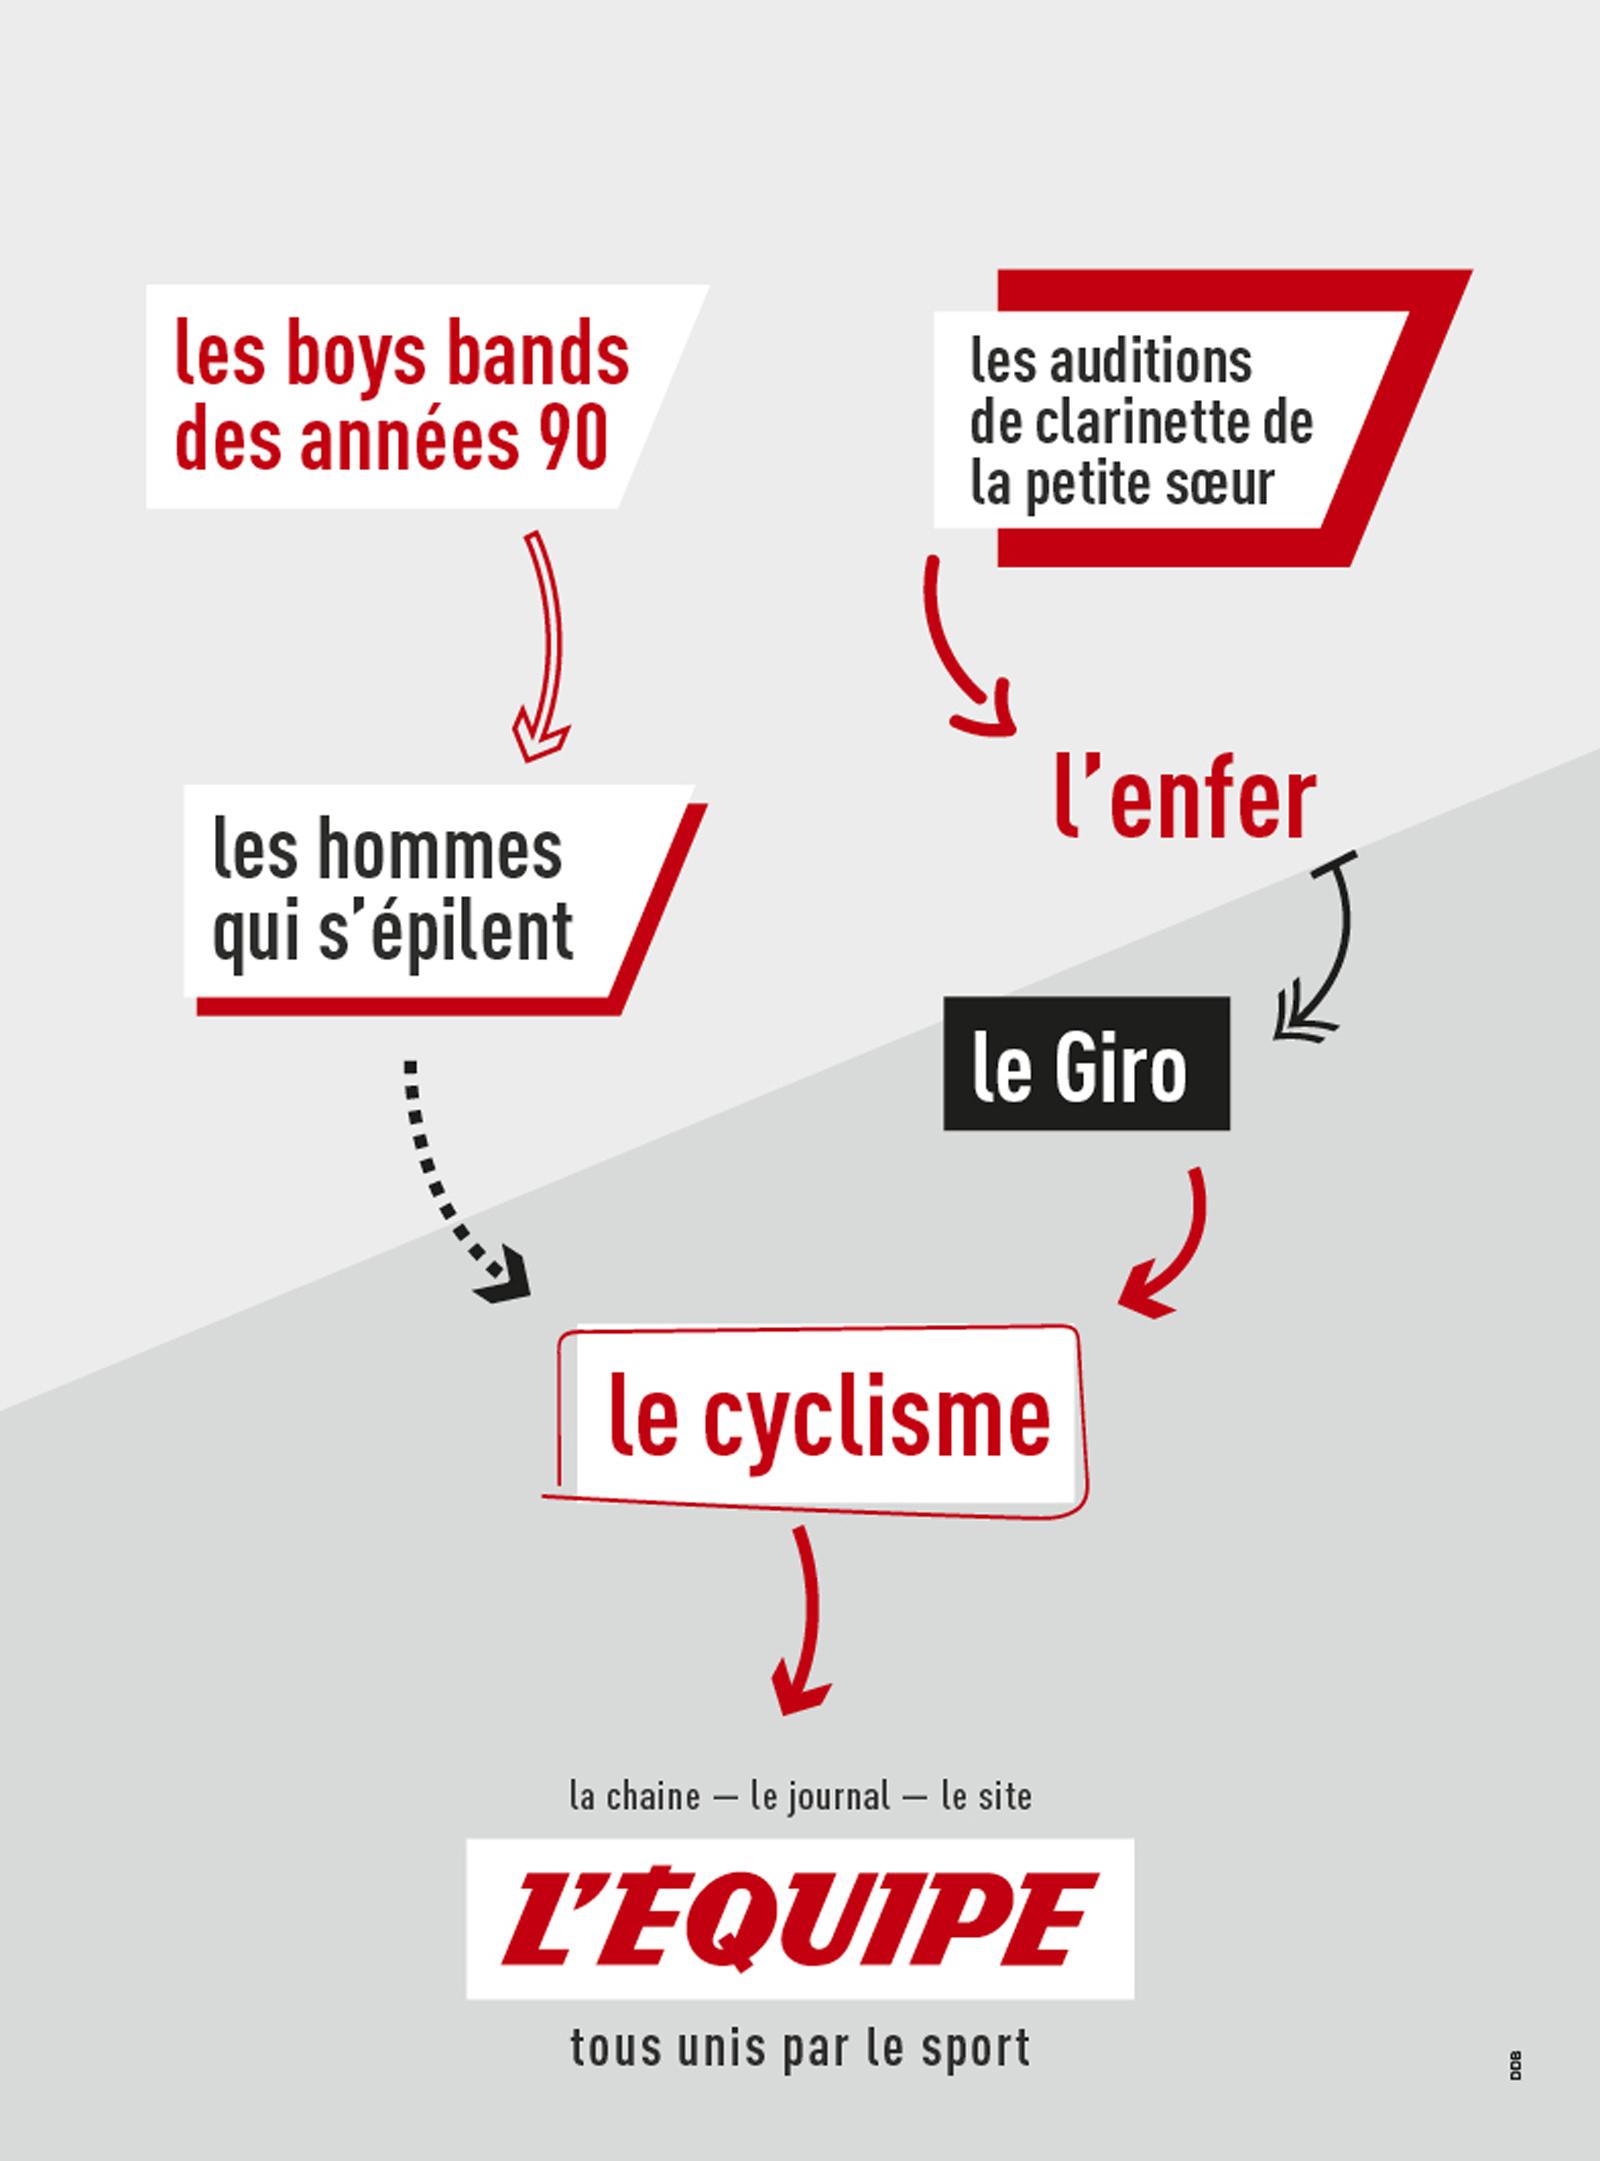 lequipe-journal-publicite-marketing-affichage-tous-unis-par-le-sport-ddb-paris-4